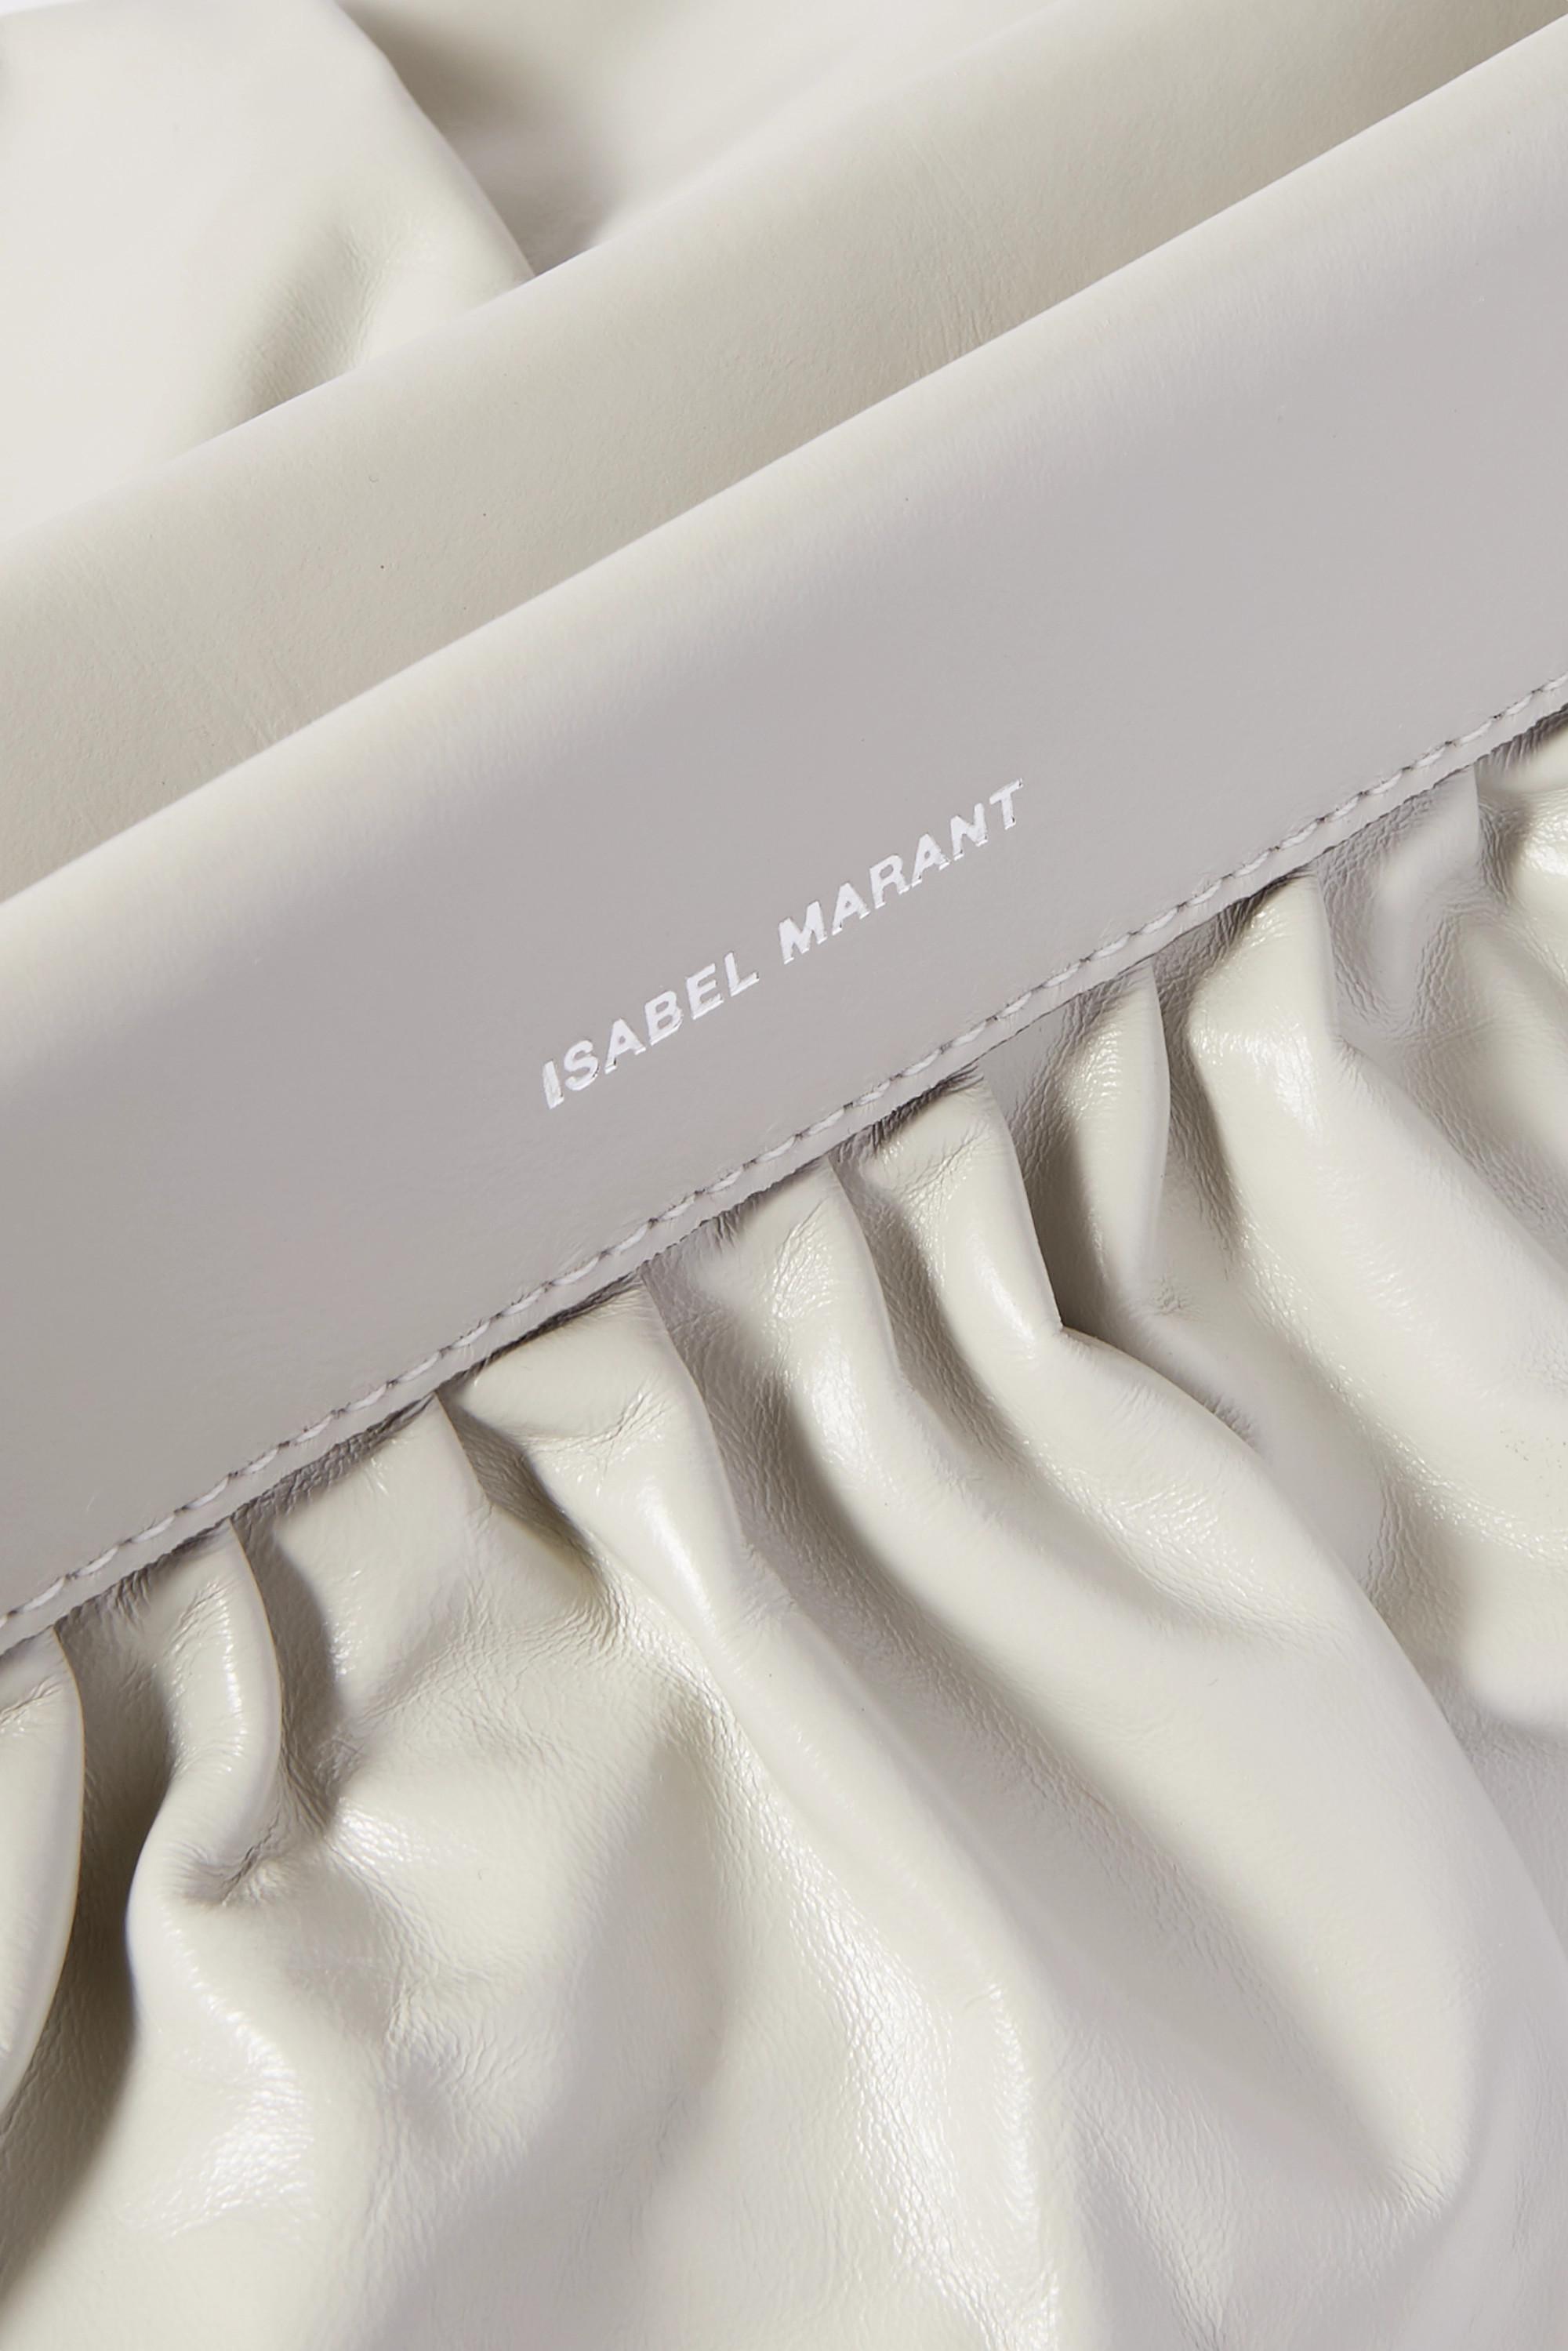 Isabel Marant Luzel large studded leather clutch